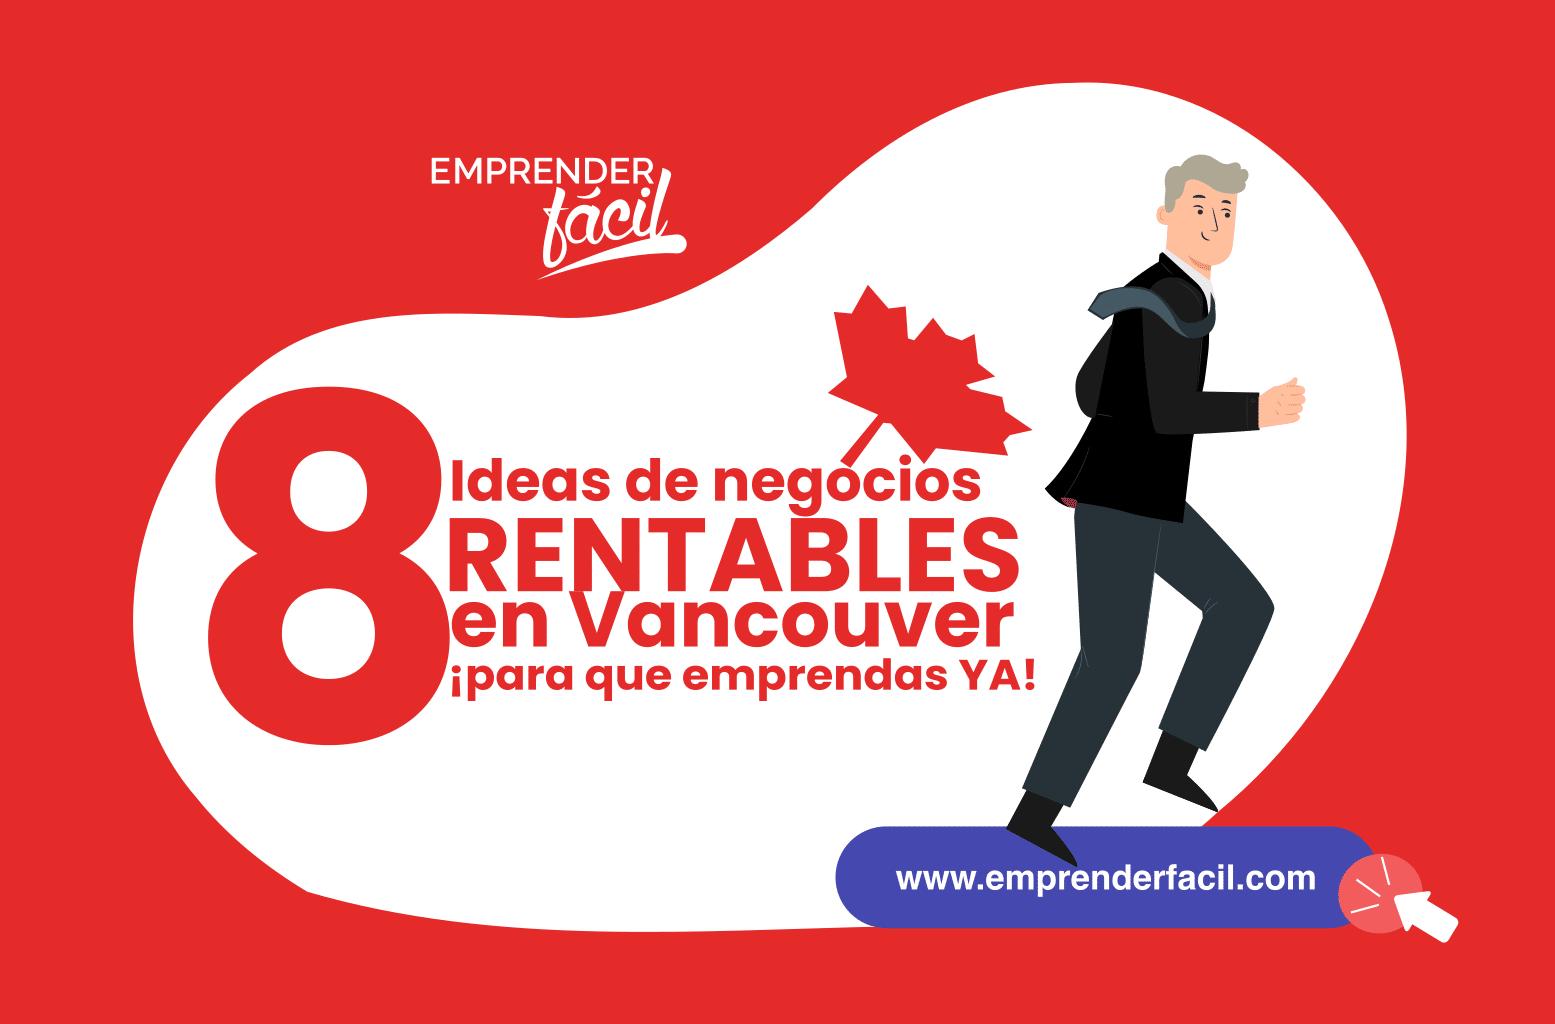 Ideas de negocios rentables en Vancouver